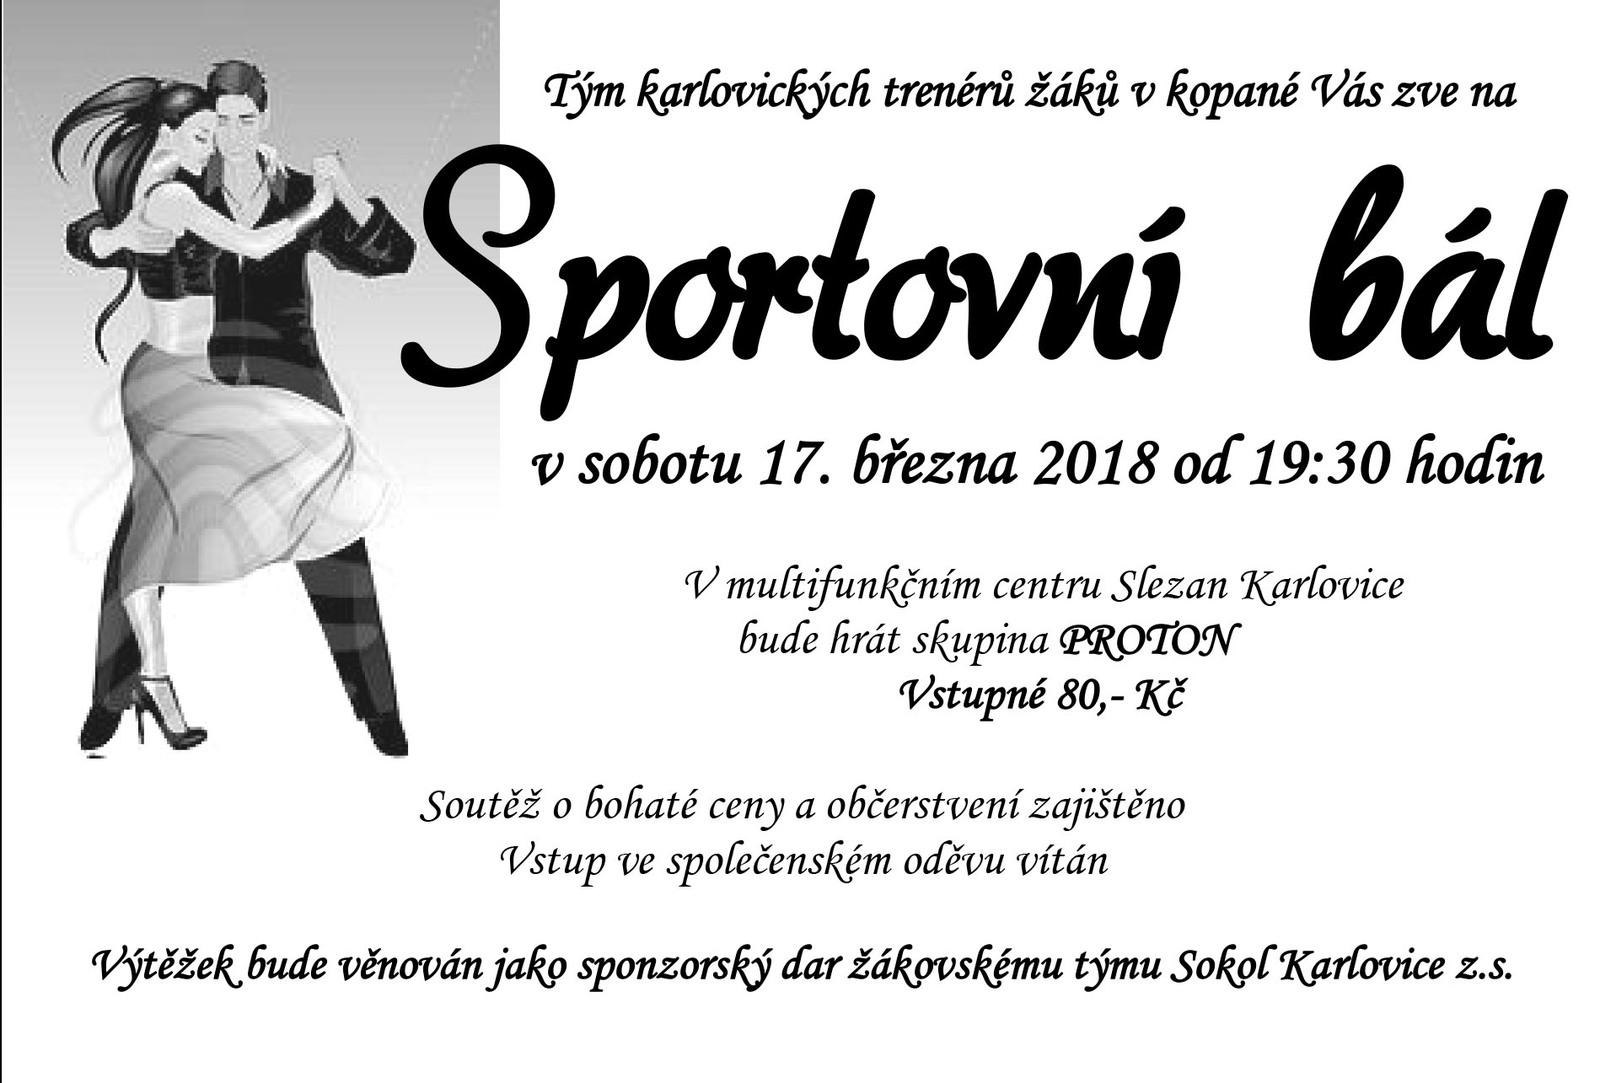 Sportovní bál Karlovice.jpg